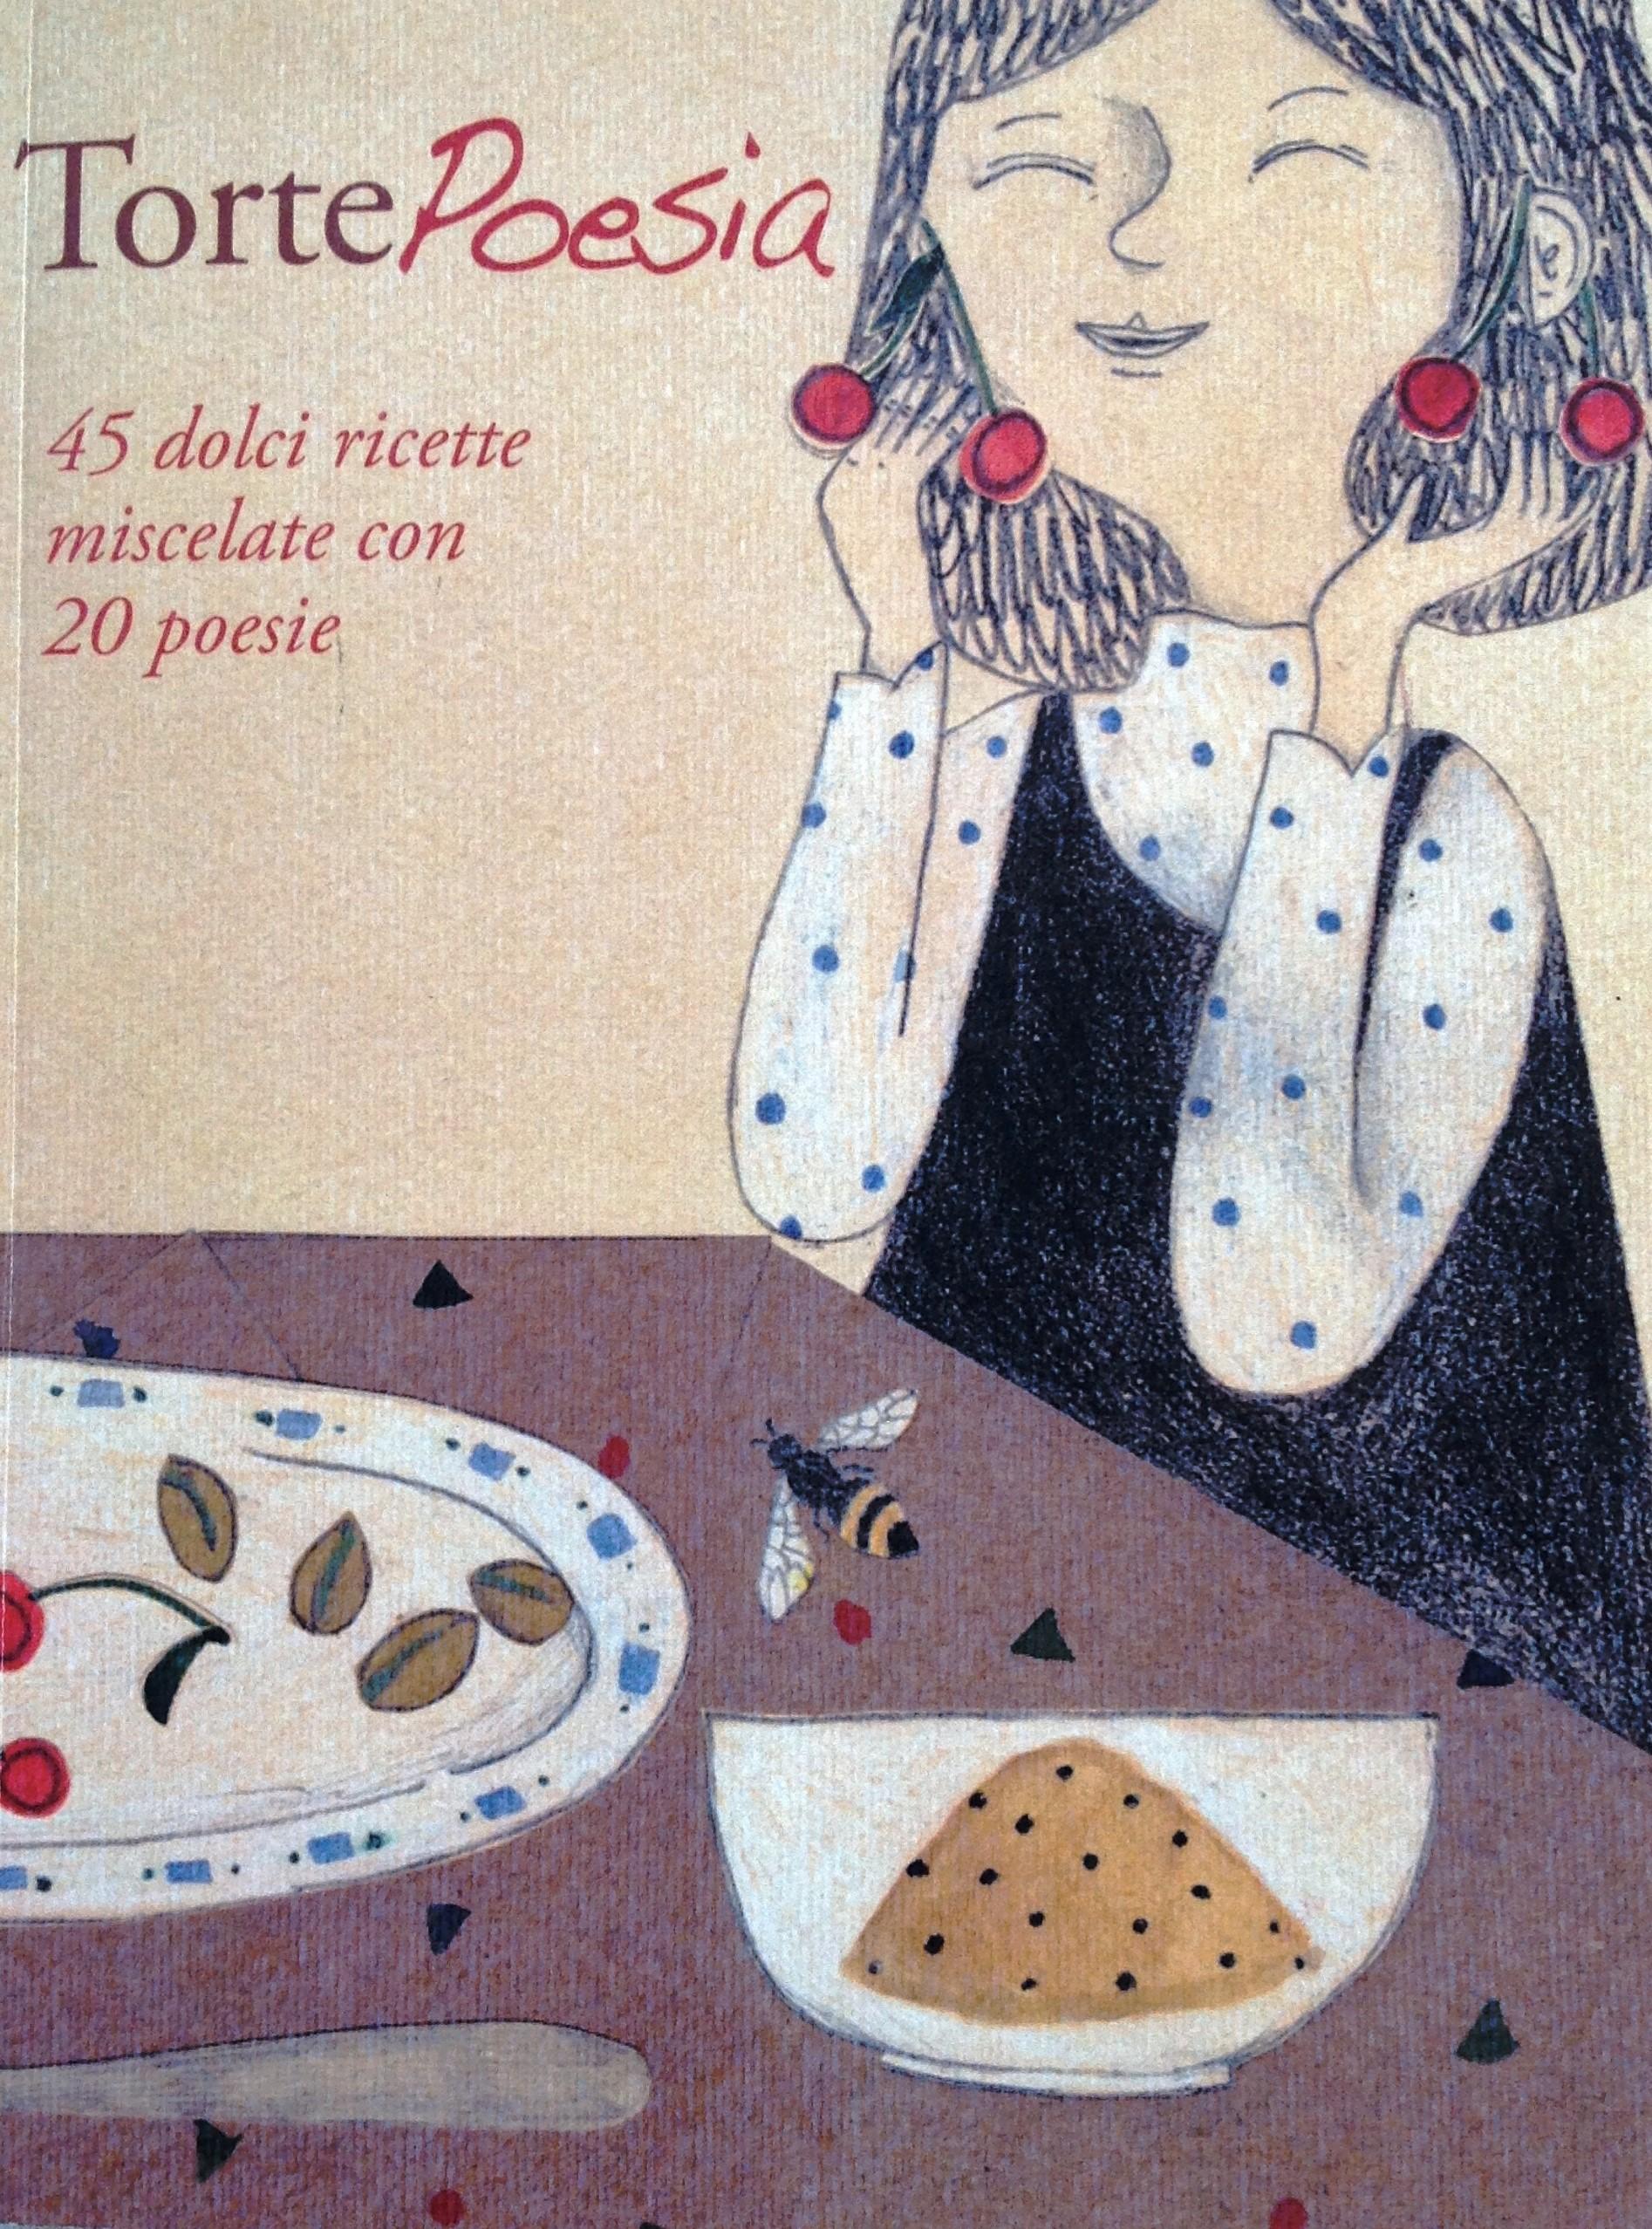 TortePoesia, edito da New Press edizioni